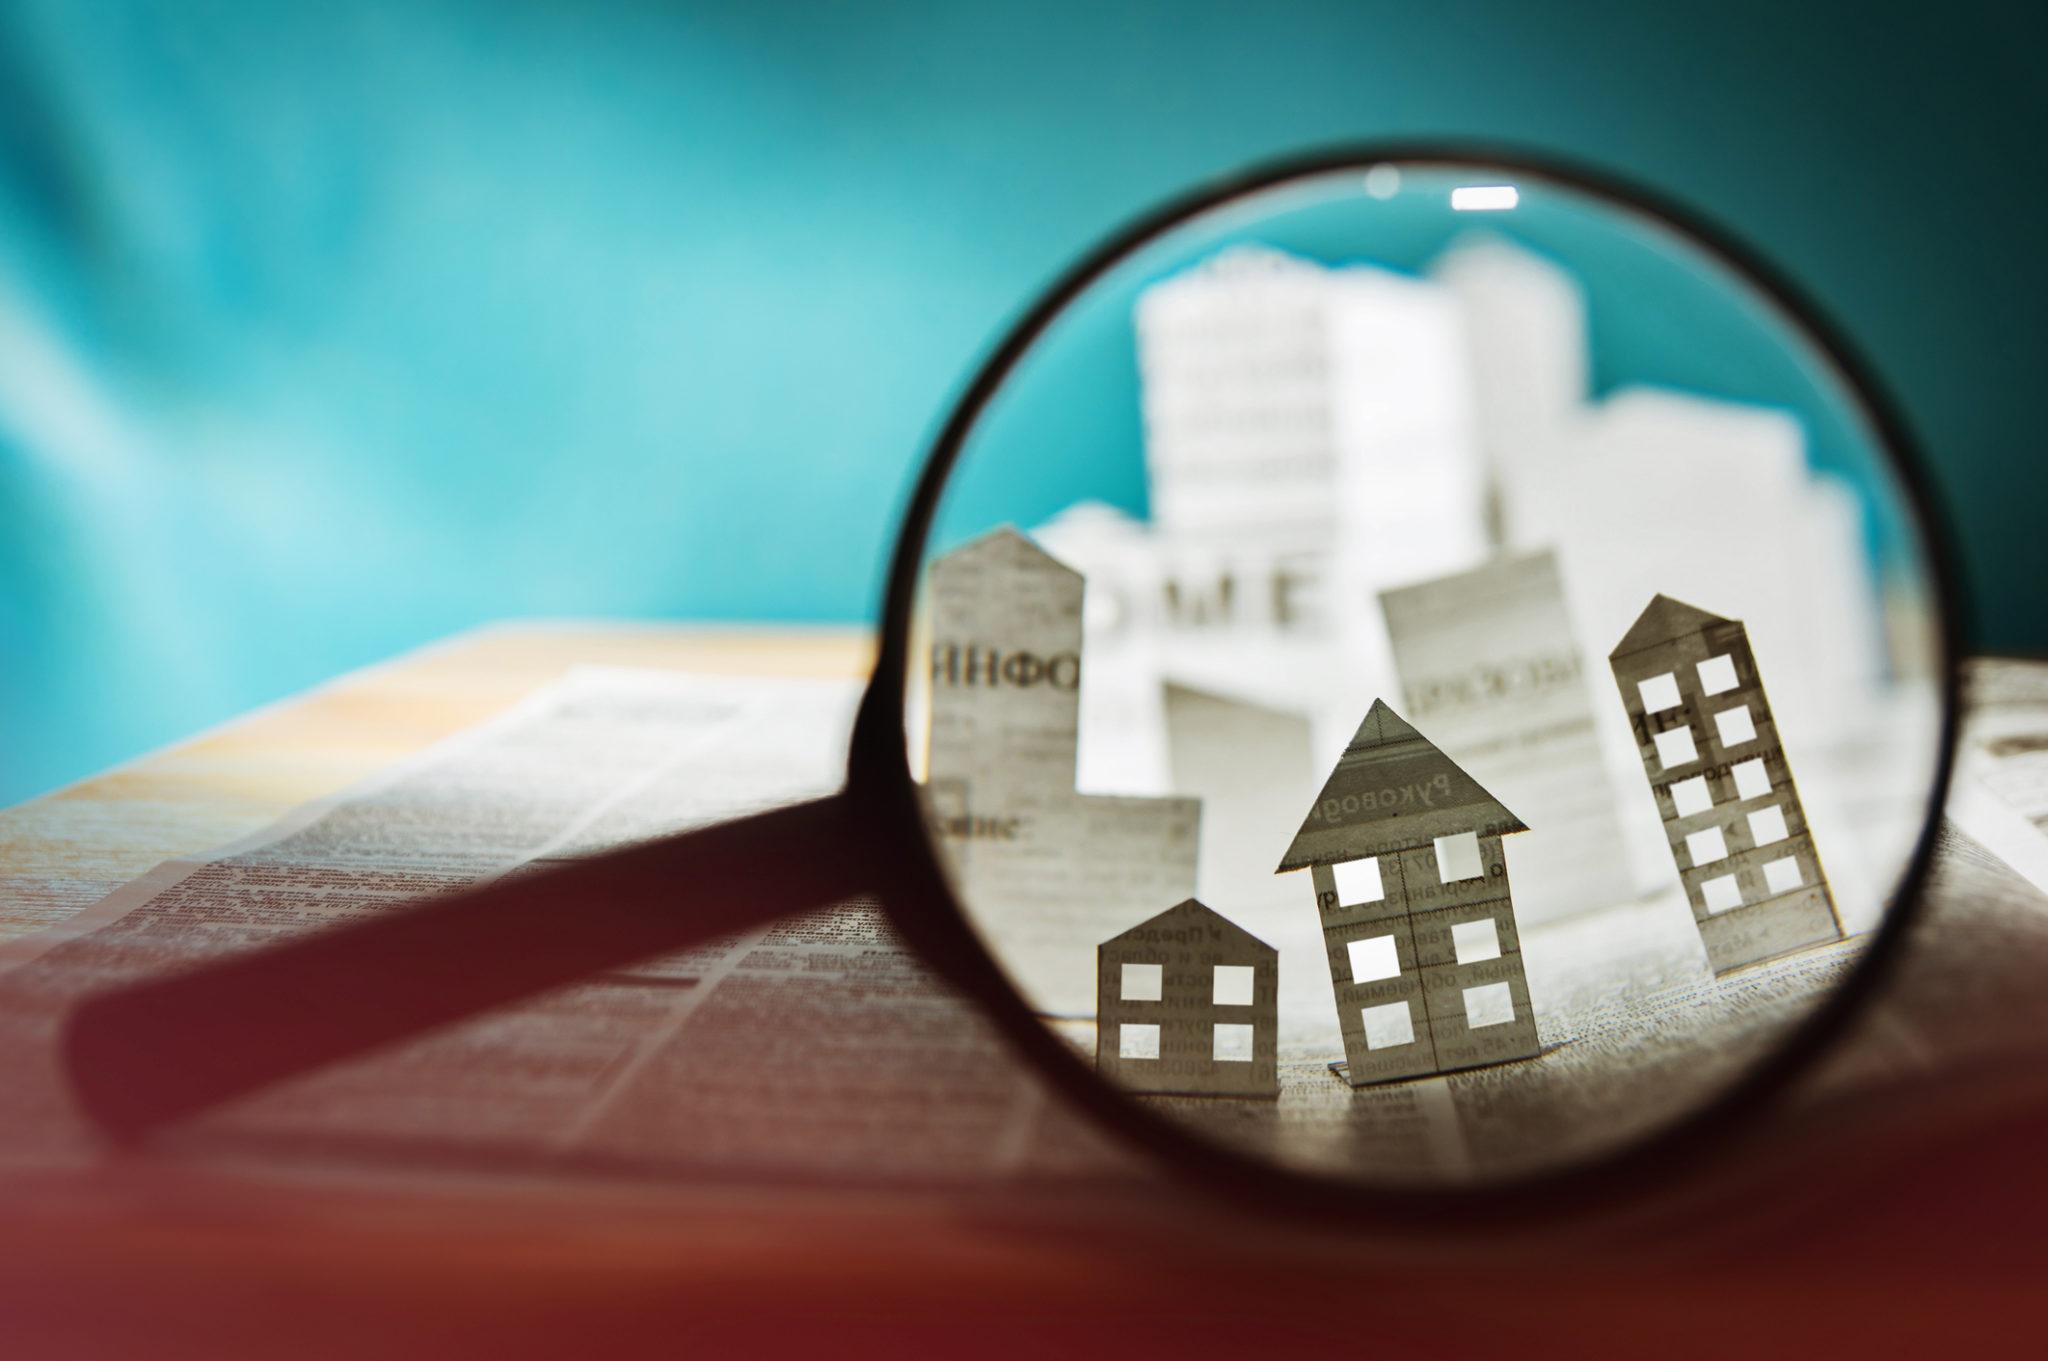 IFI Immobilier impôts Prélèvement à la source